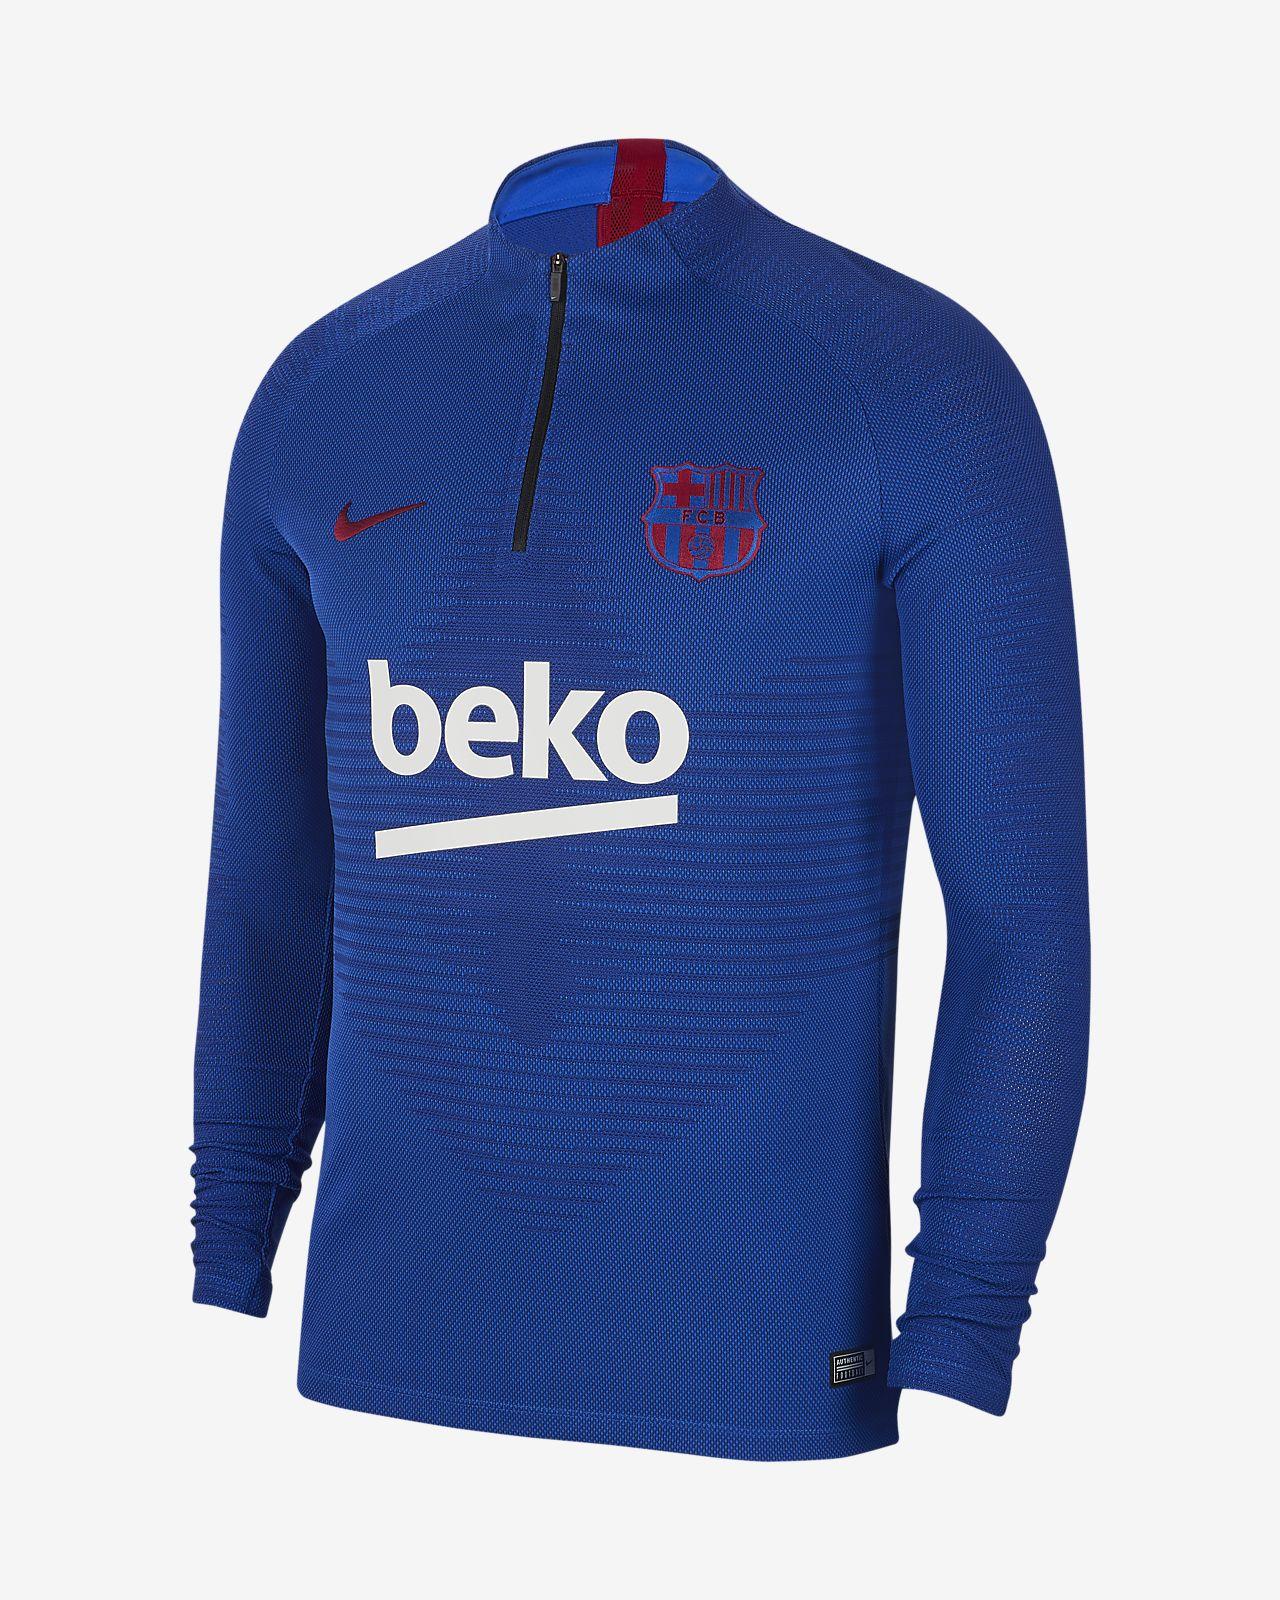 Ανδρική ποδοσφαιρική μπλούζα προπόνησης FC Barcelona VaporKnit Strike